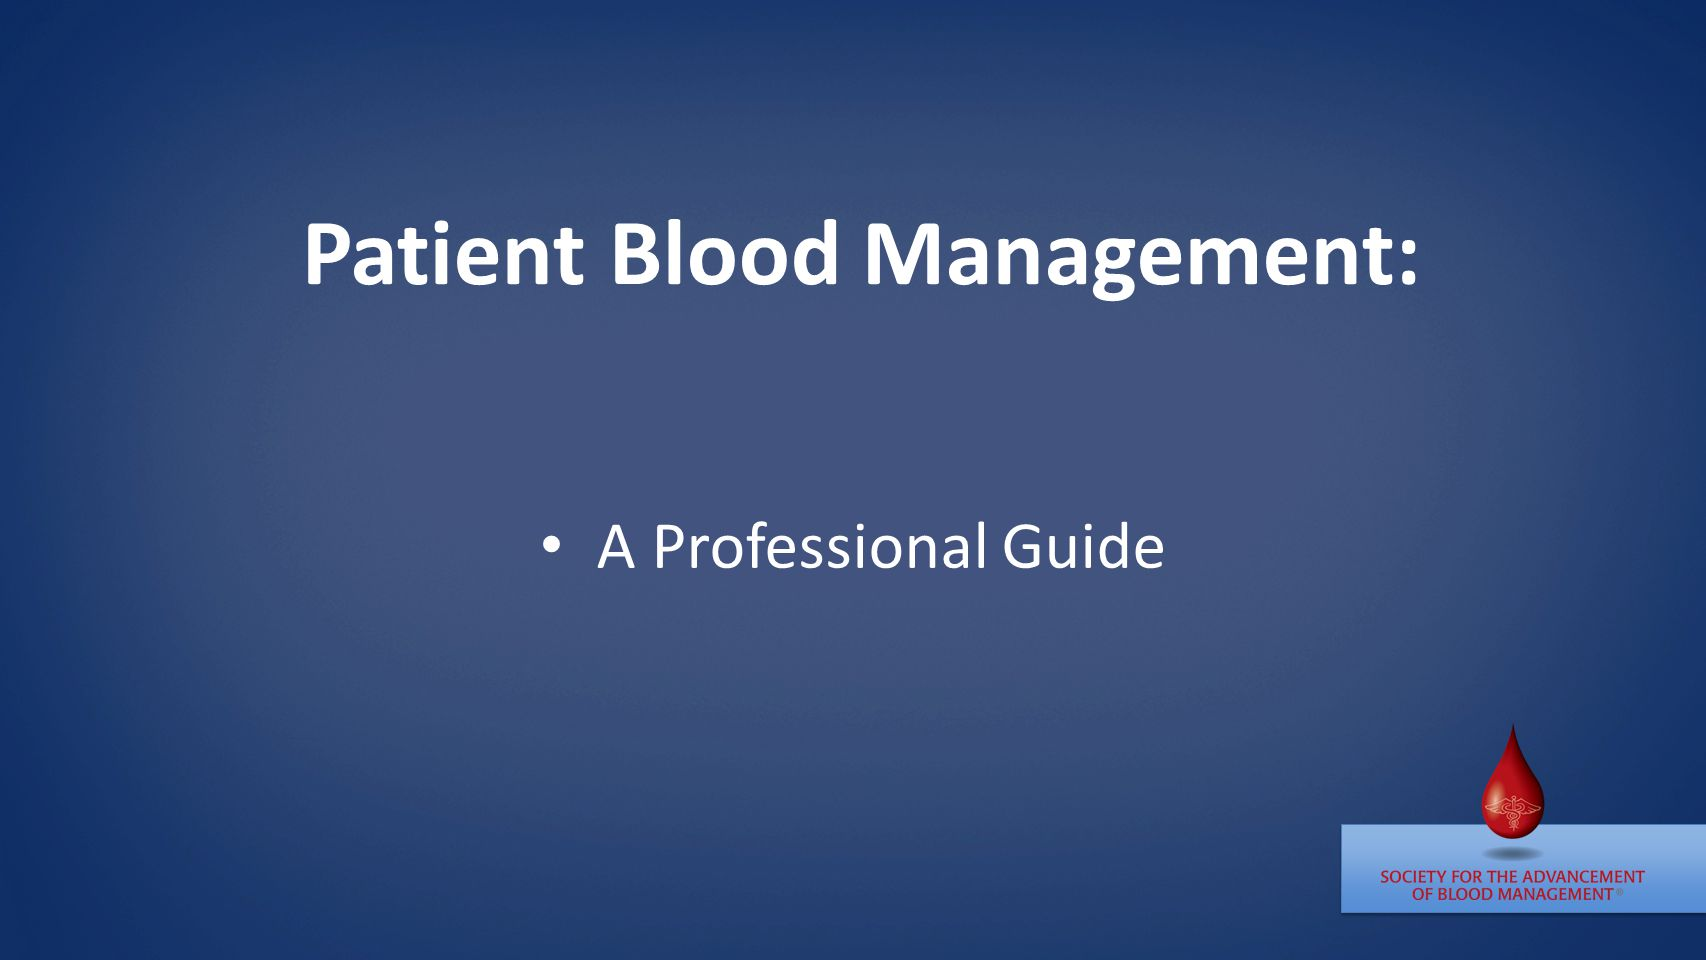 Patient Blood Management: A Professional Guide